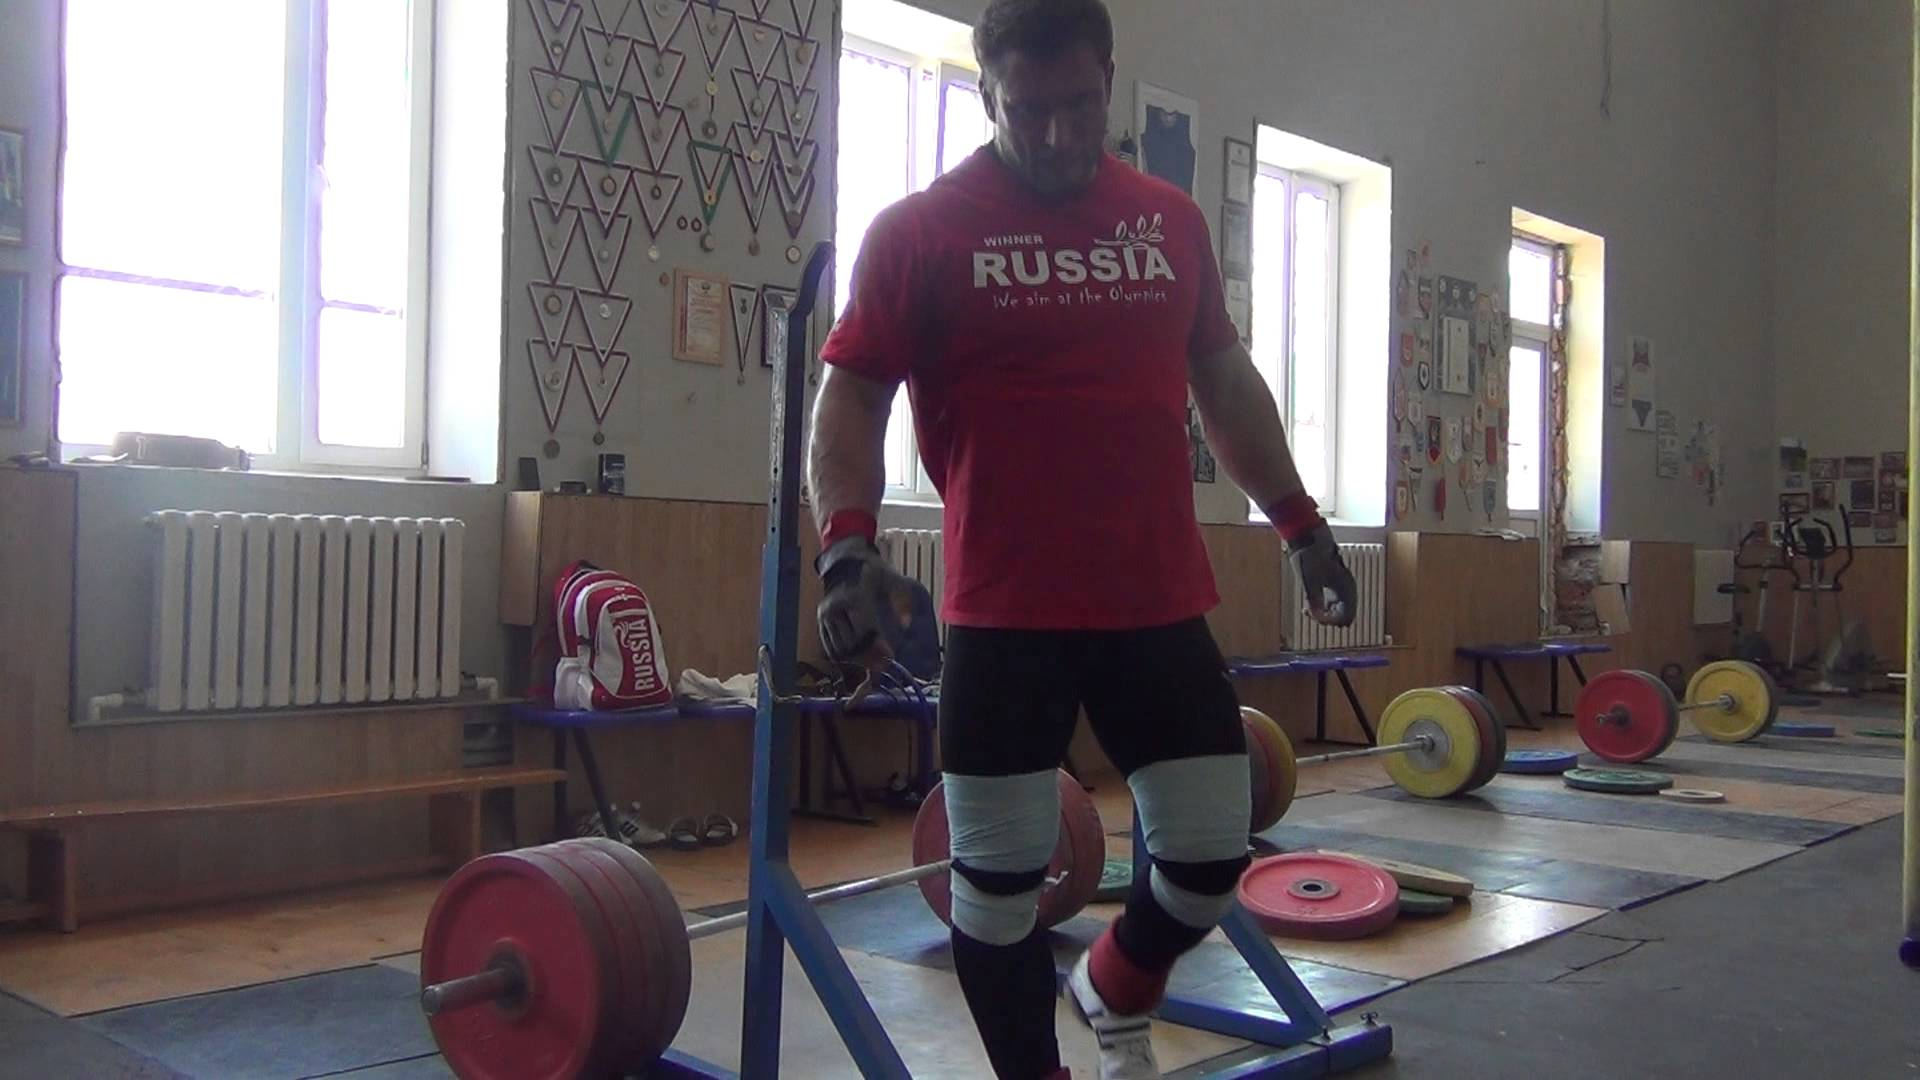 Dmitry Klokov Paused Back Squats - All Things Gym